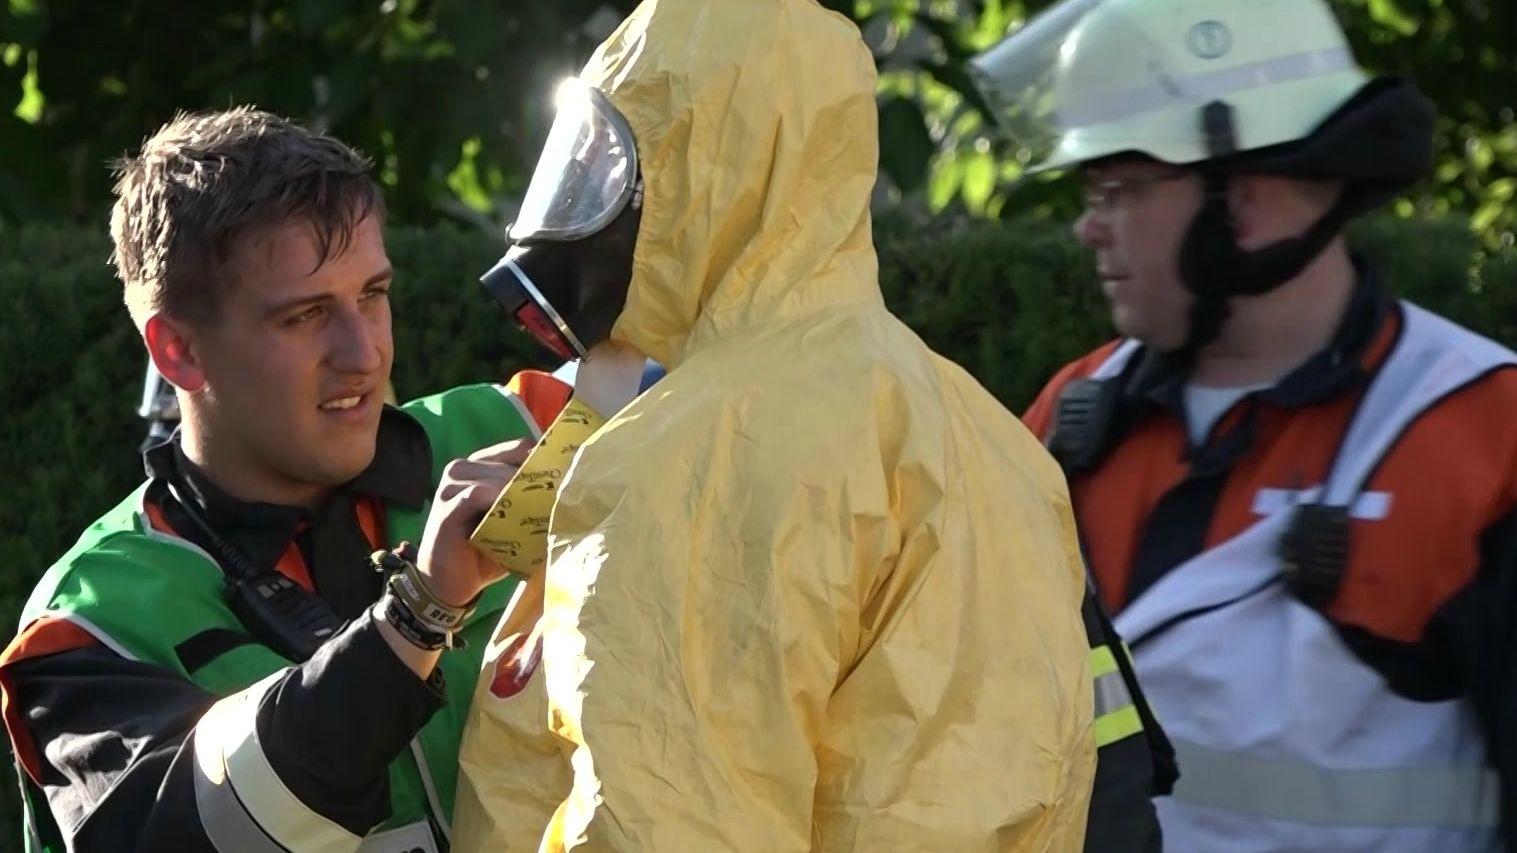 Ein Nachbarschaftsstreit in Schwabach hat einen Großeinsatz ausgelöst. Dabei wurden acht Menschen mit einer unbekannten Flüssigkeit verletzt.